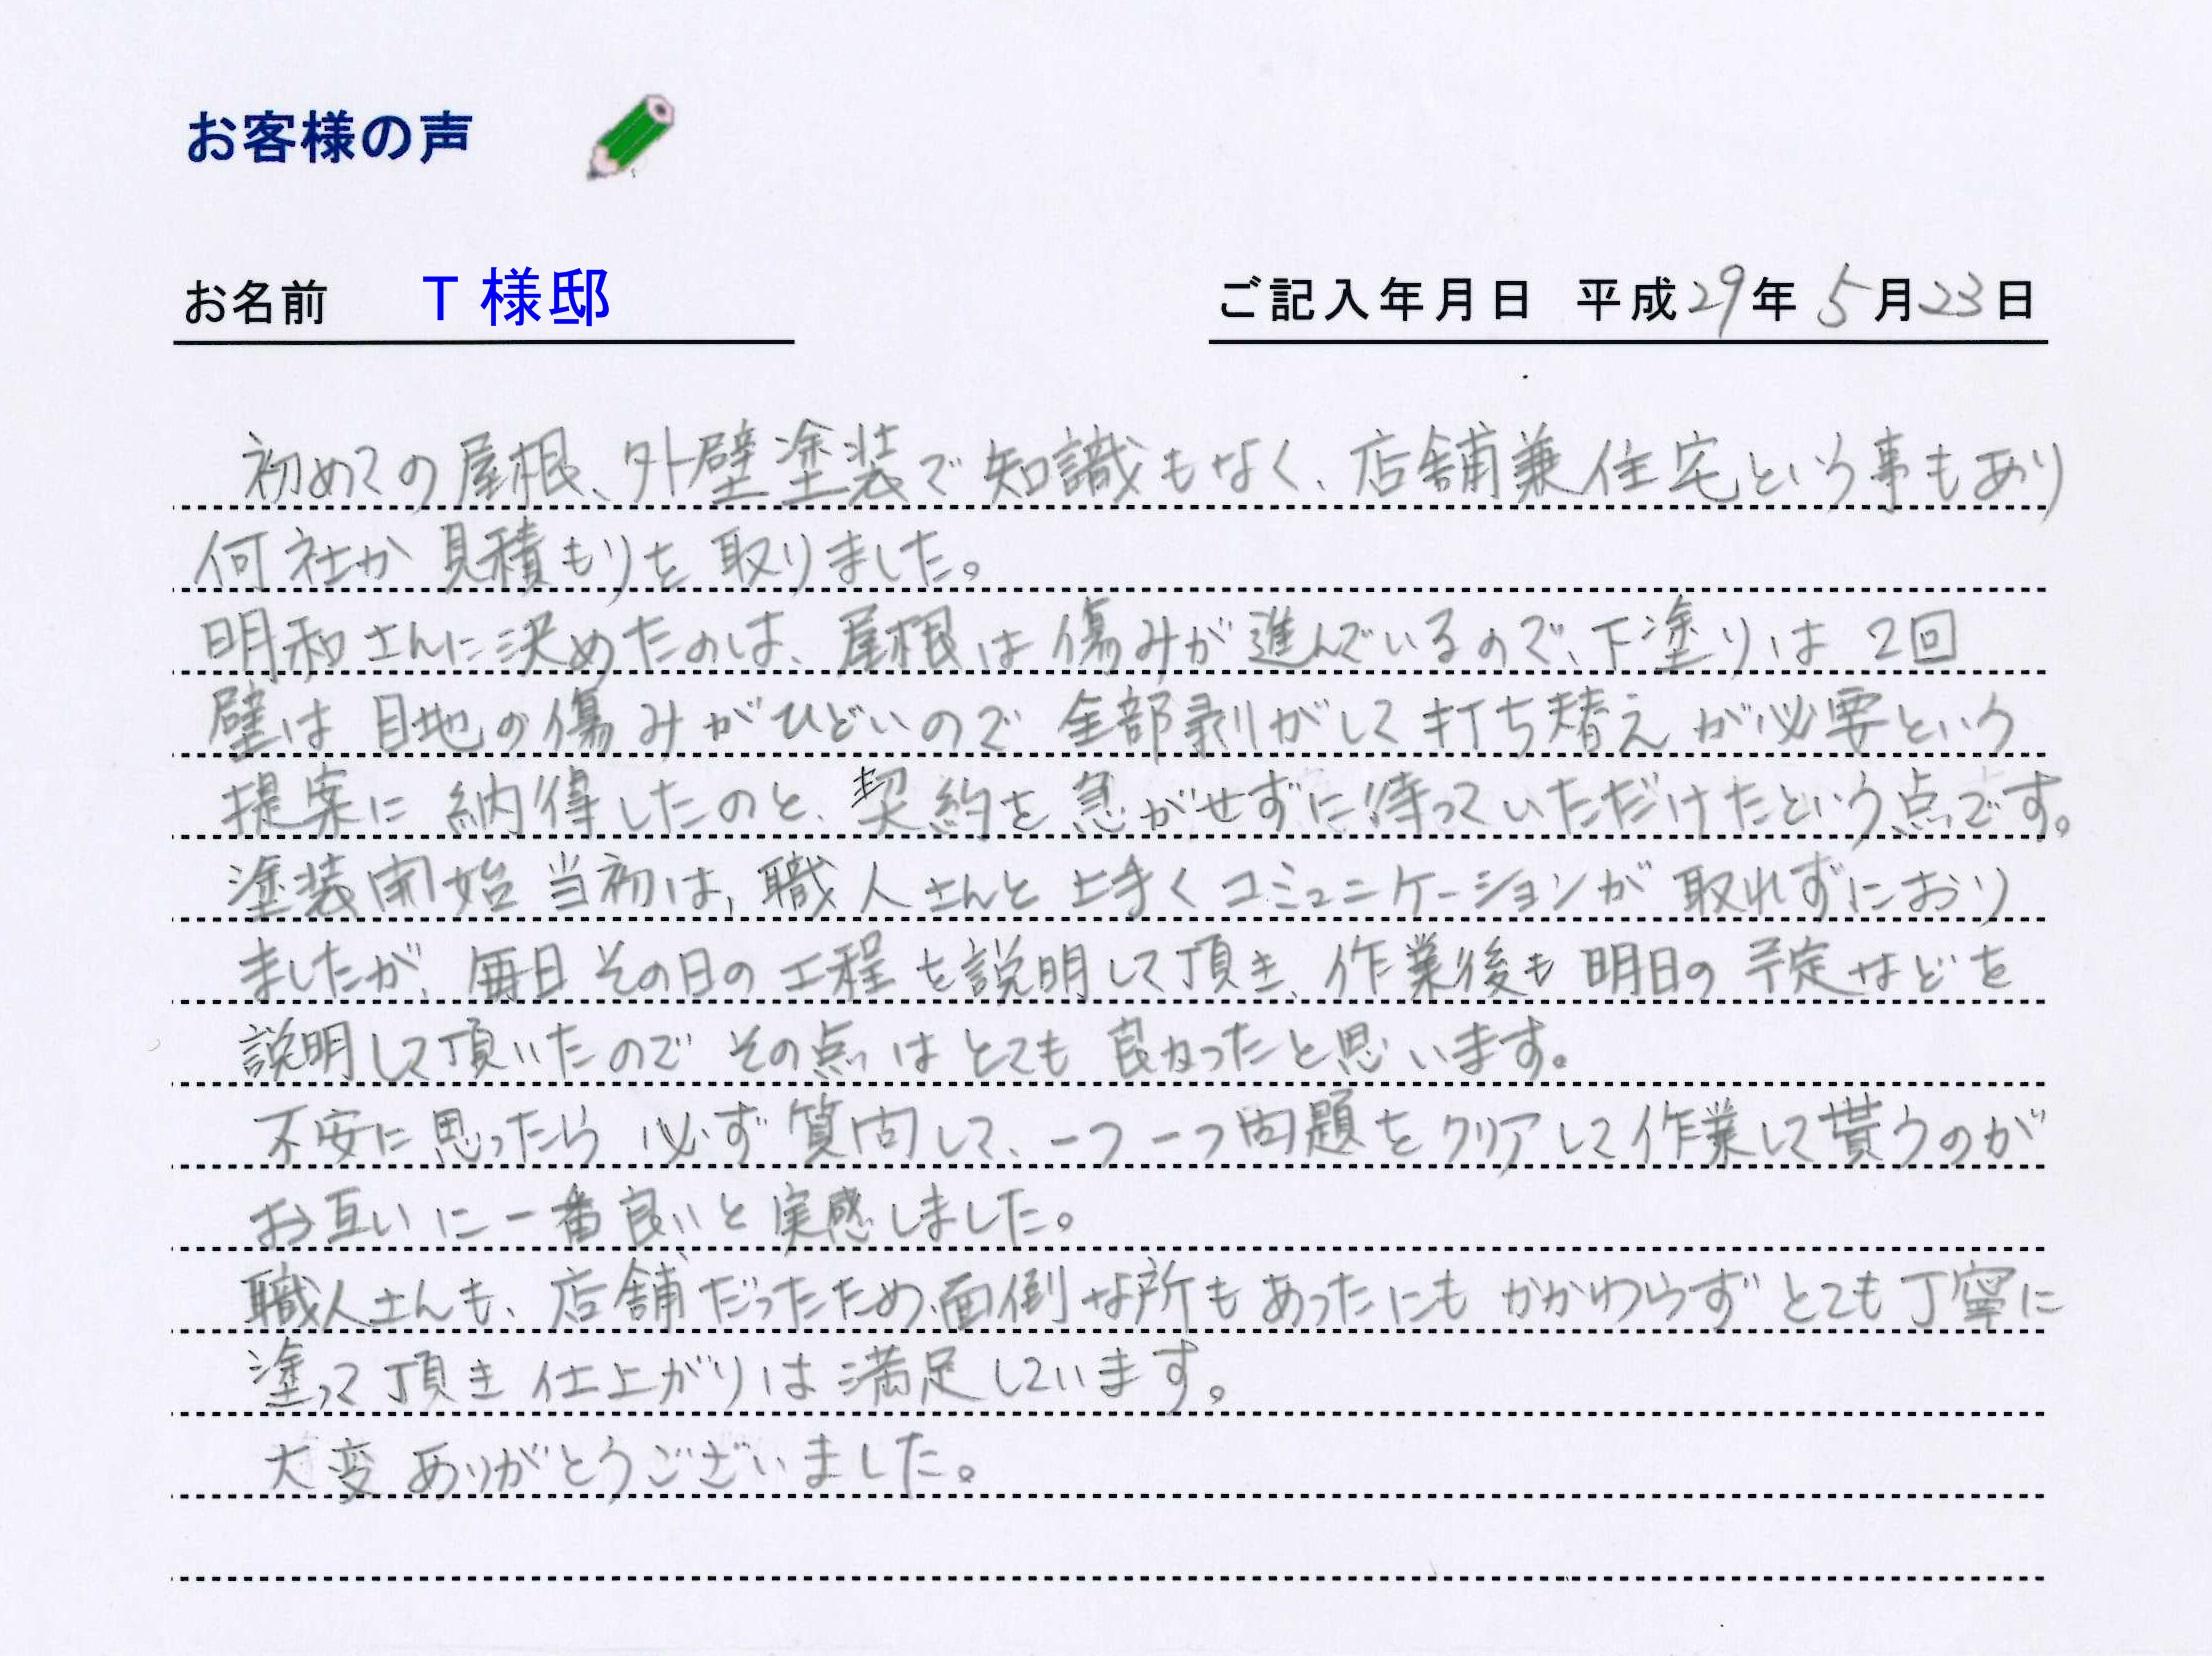 2017.05 高橋邸(岩沼市)コメント.jpg